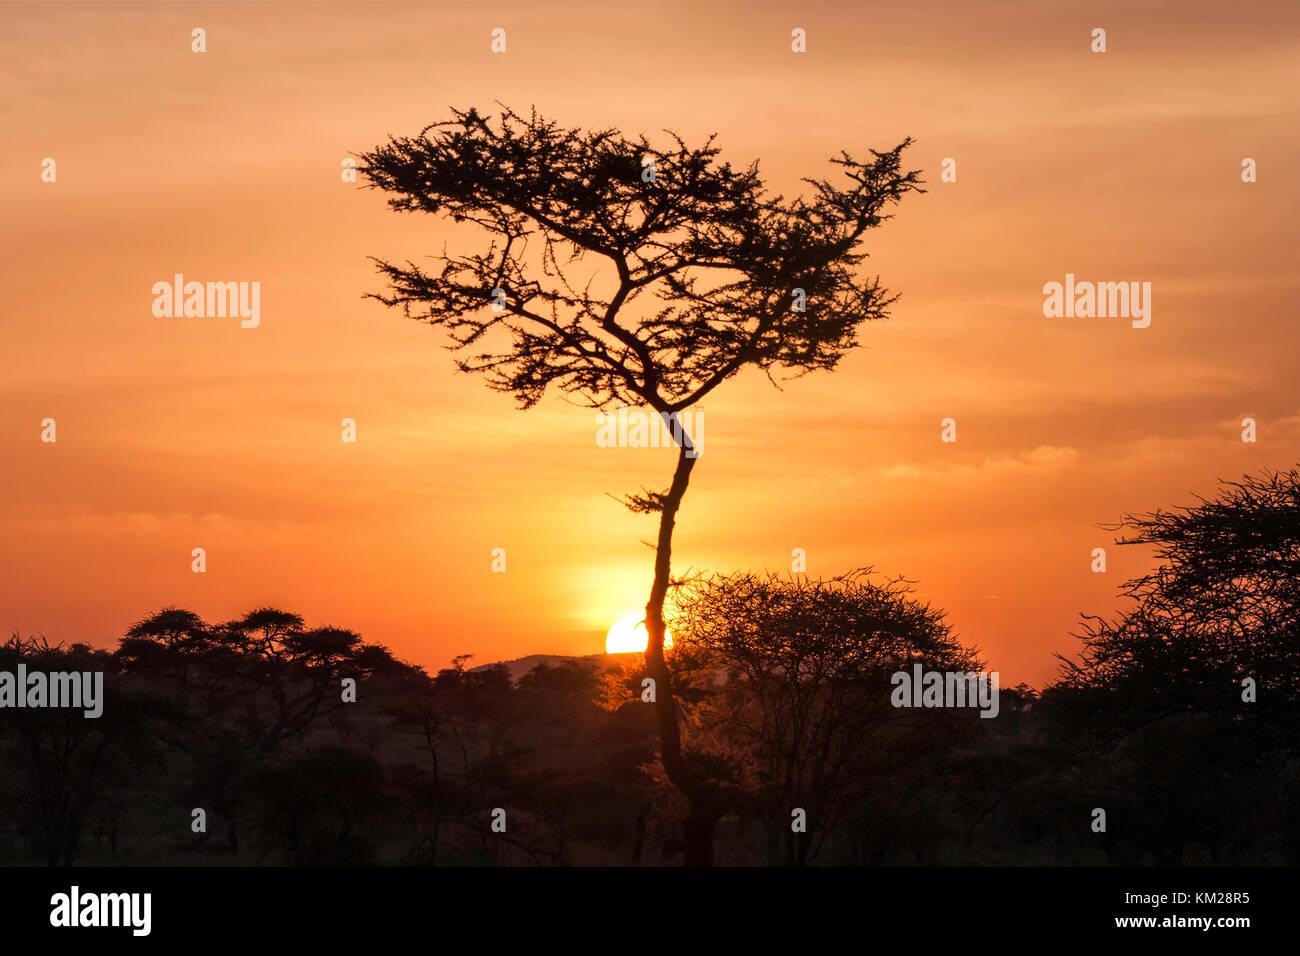 Silhouette di un albero di acacia al tramonto, Serengeti National Park, Tanzania Africa Immagini Stock